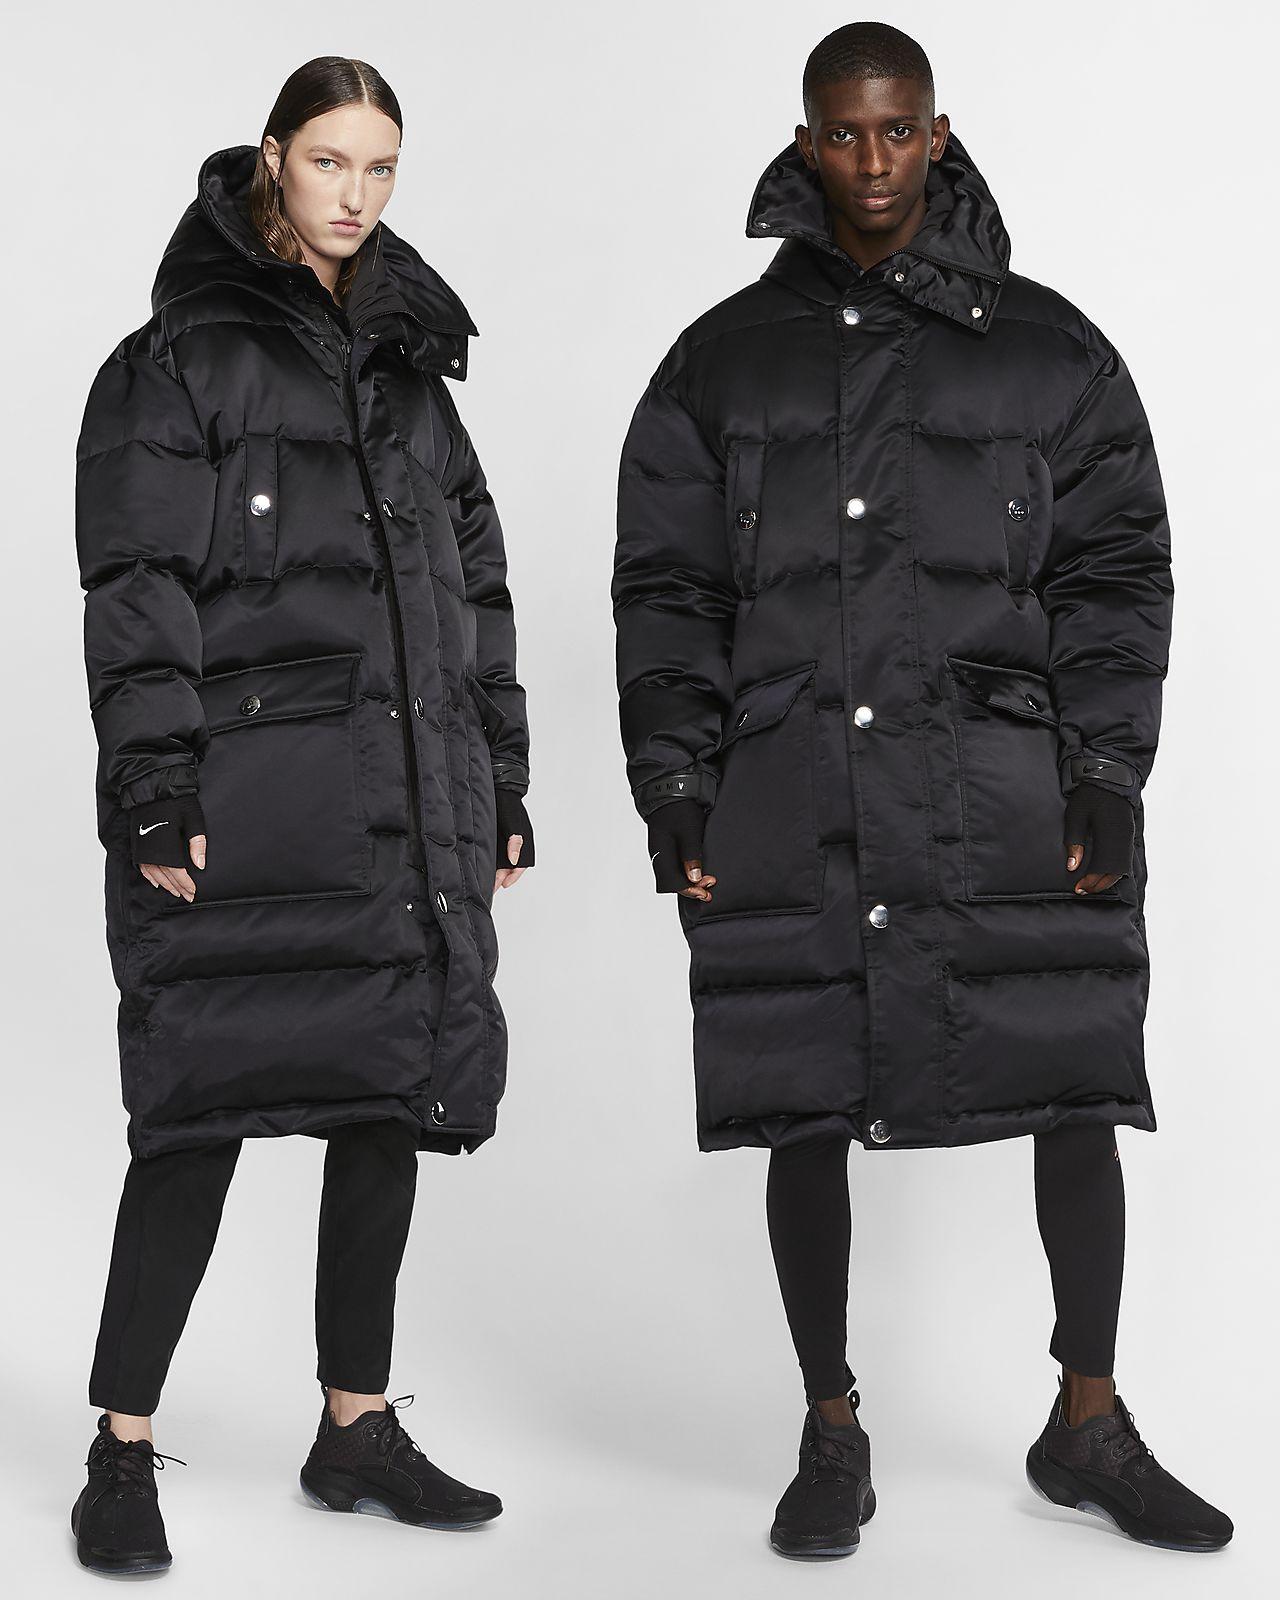 Nike x MMW Down-Fill Jacket